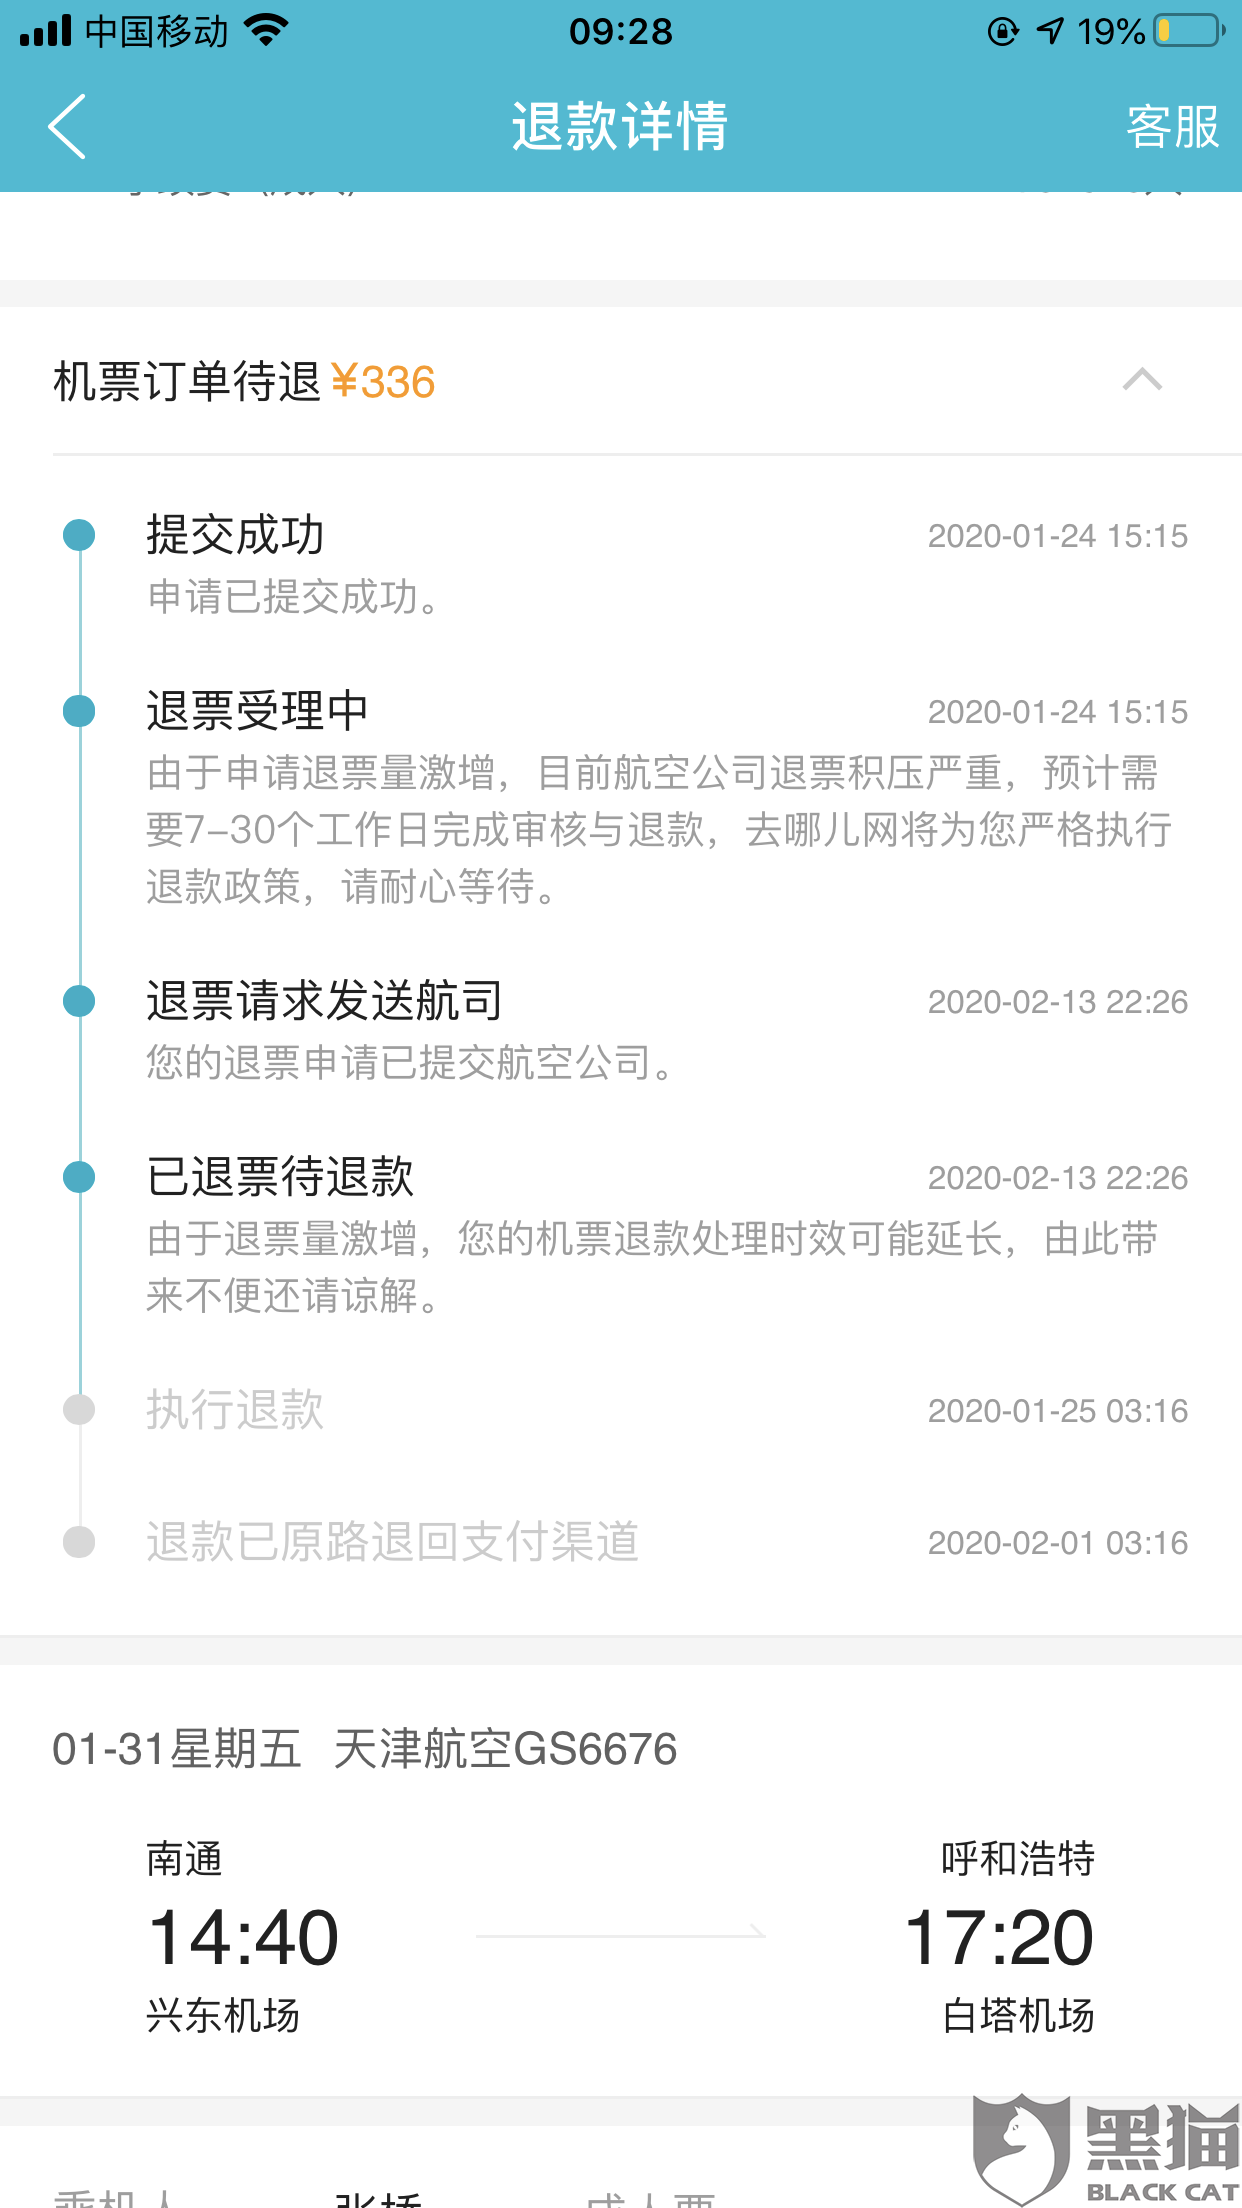 黑猫投诉:天津航空公司违反疫情机票退票政策,30天不予退款。